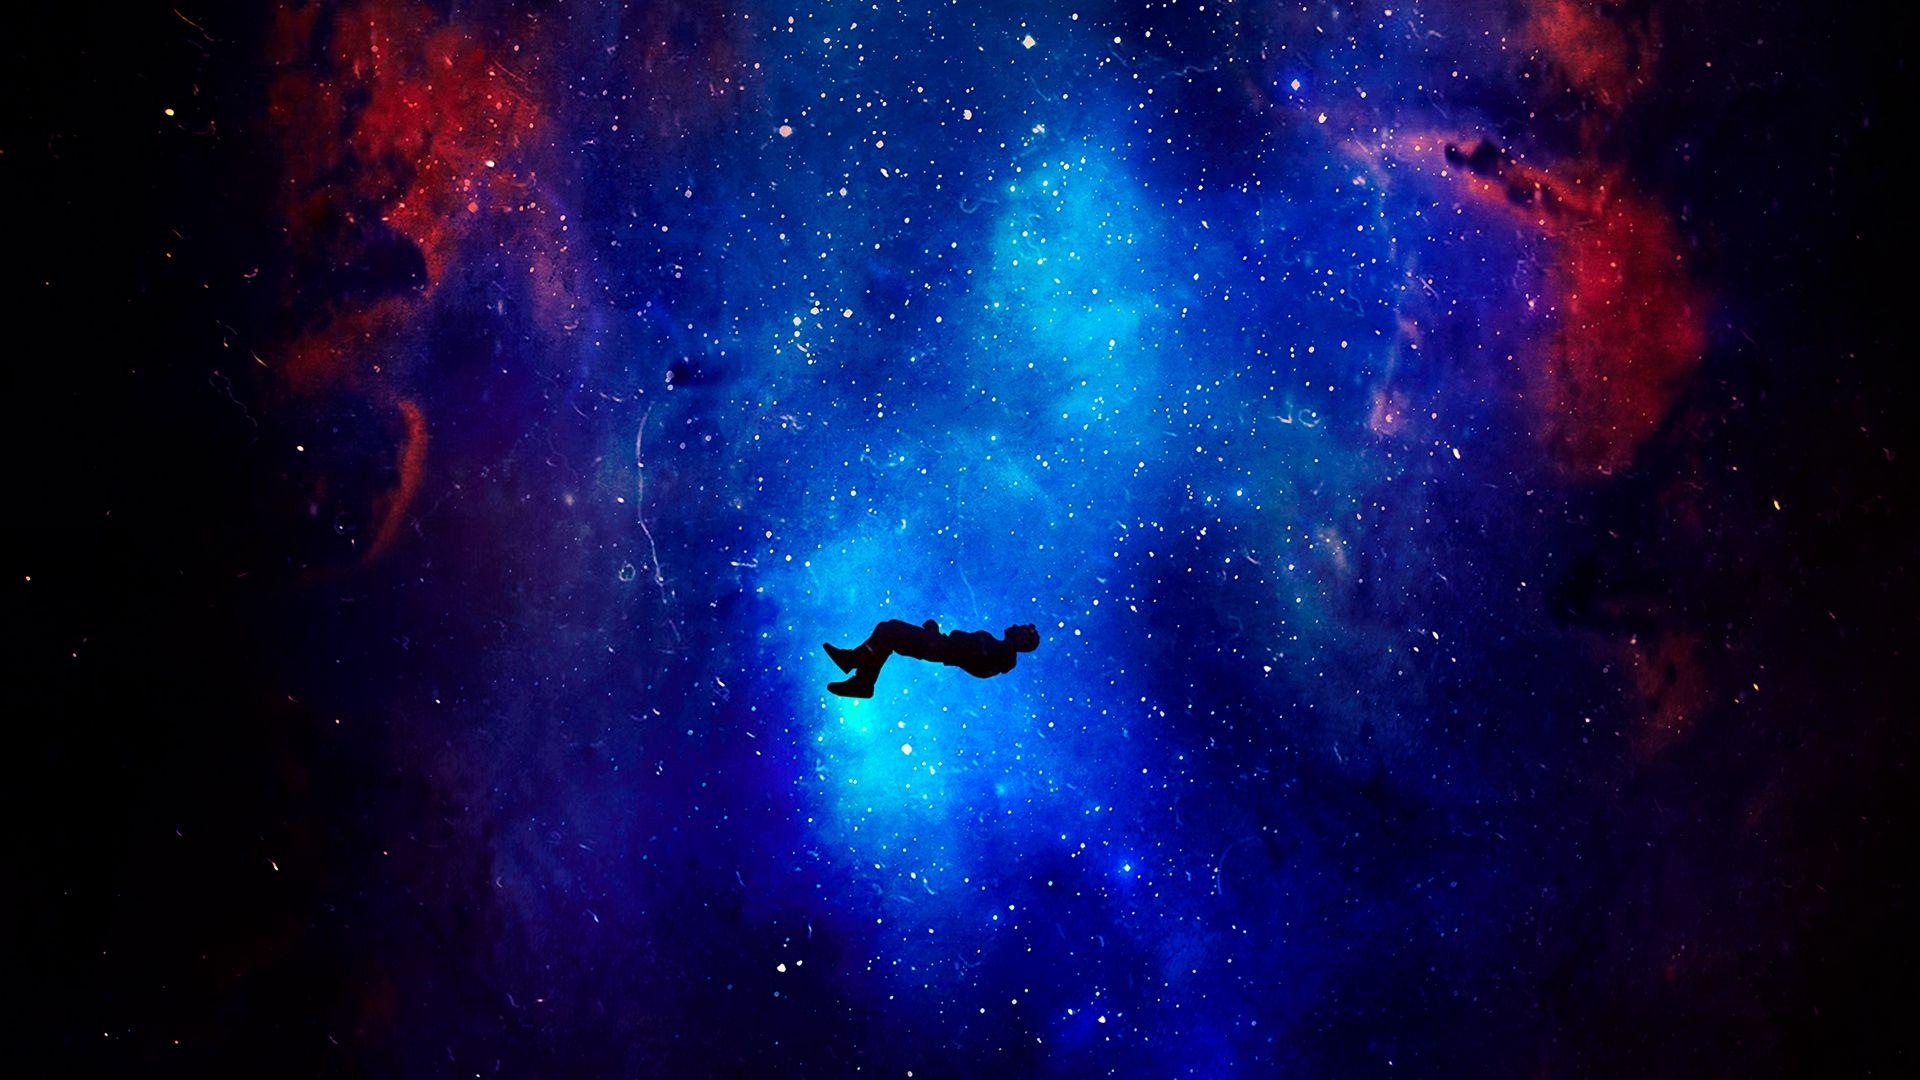 неоновый путь обои галактика обои живописные пейзажи